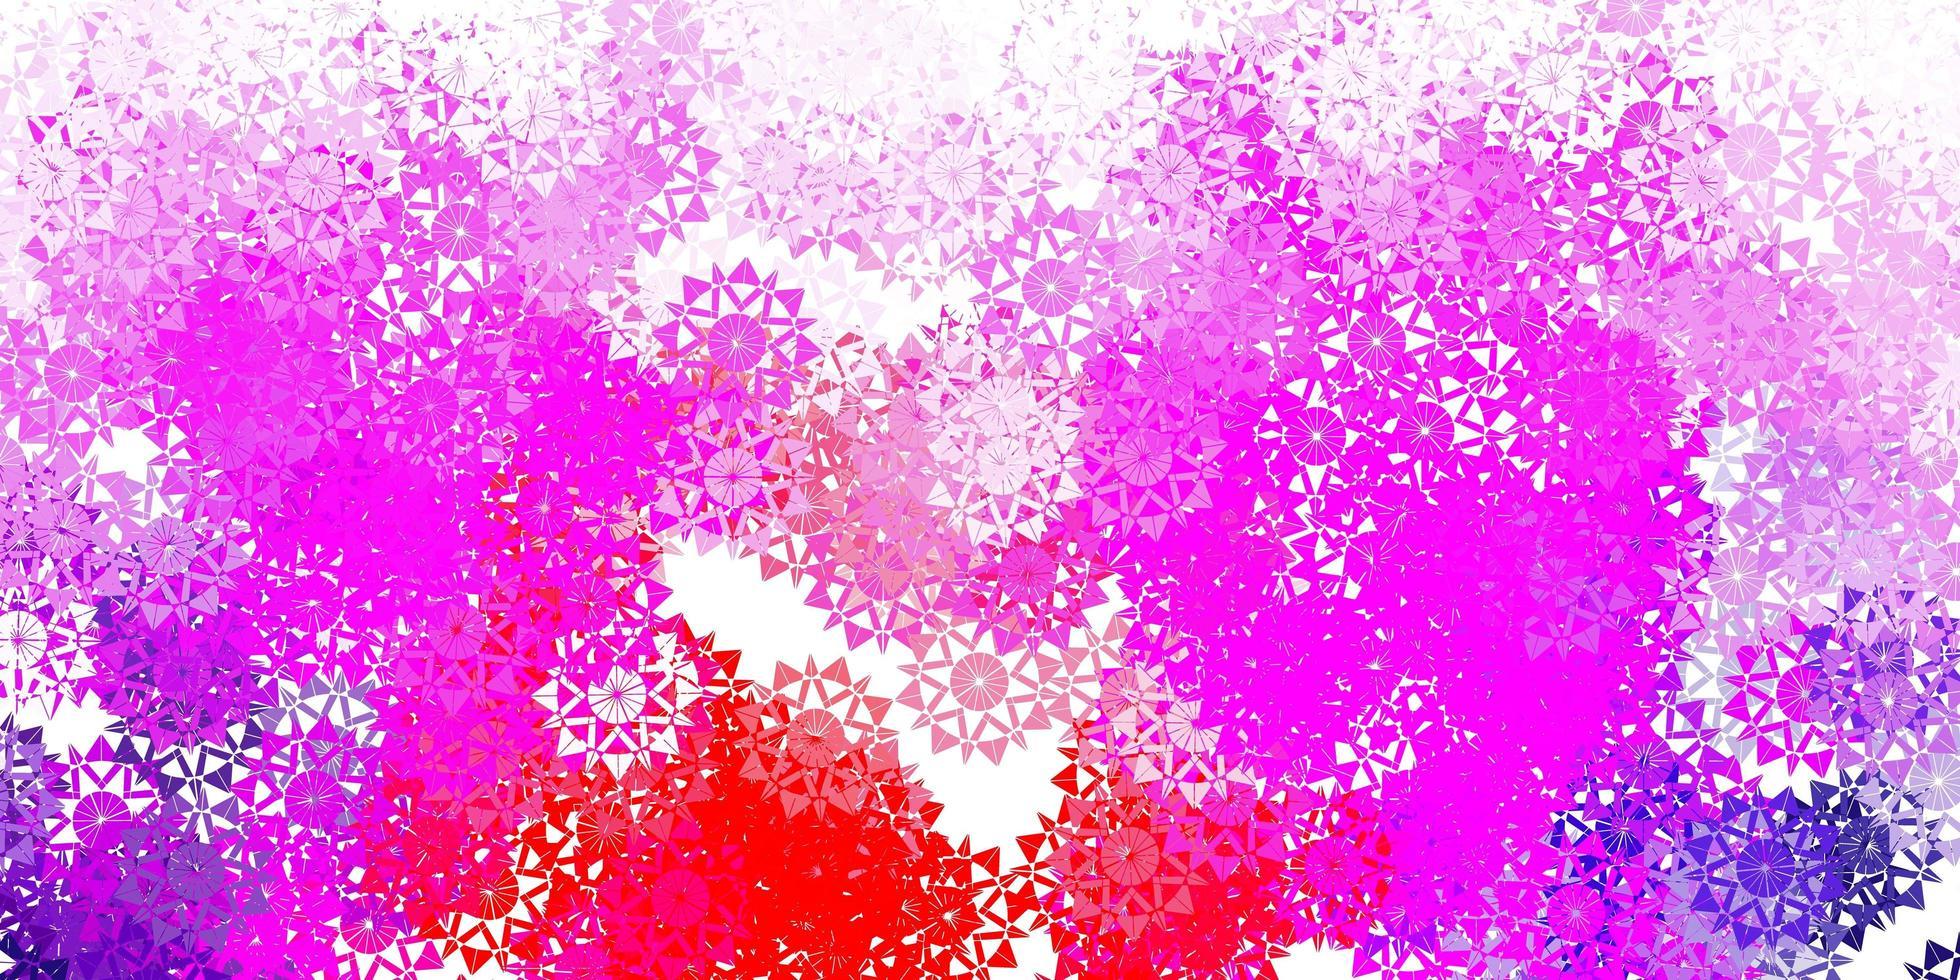 modèle vectoriel violet clair, rose avec des flocons de neige de glace.